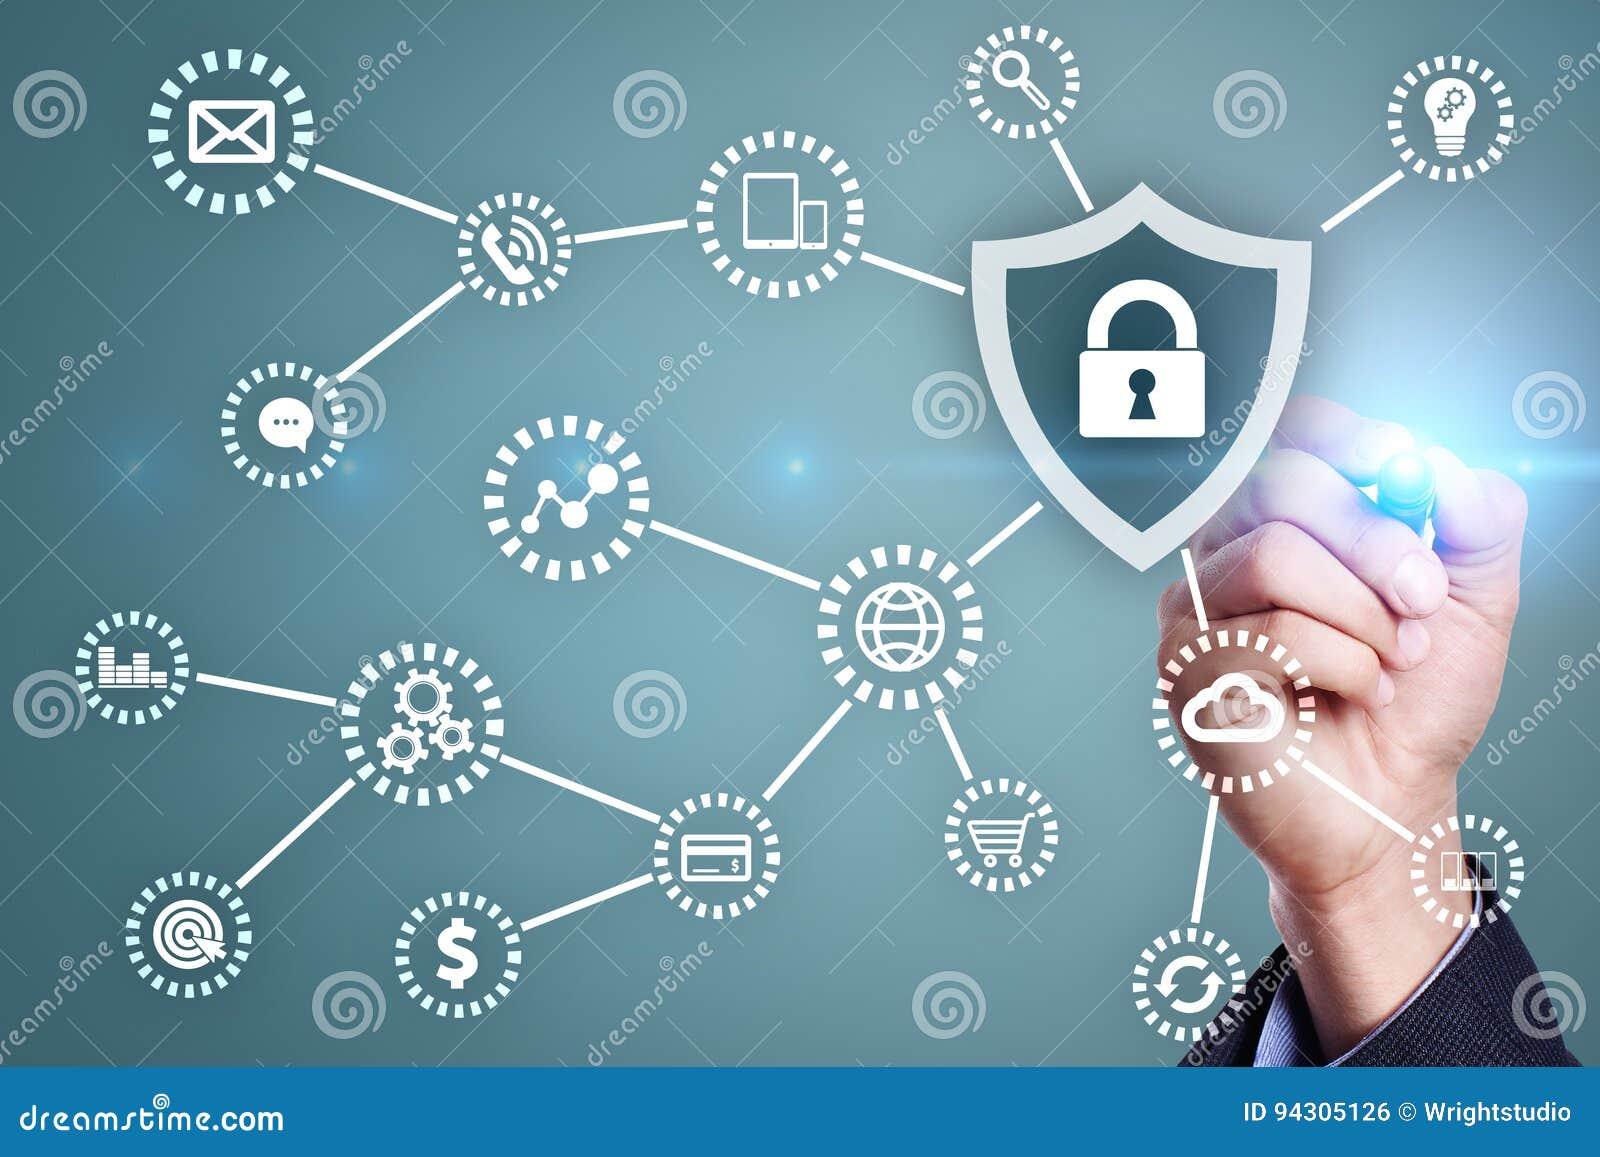 Ασφάλεια Cyber, προστασία δεδομένων, ασφάλεια πληροφοριών Έννοια τεχνολογίας Διαδικτύου